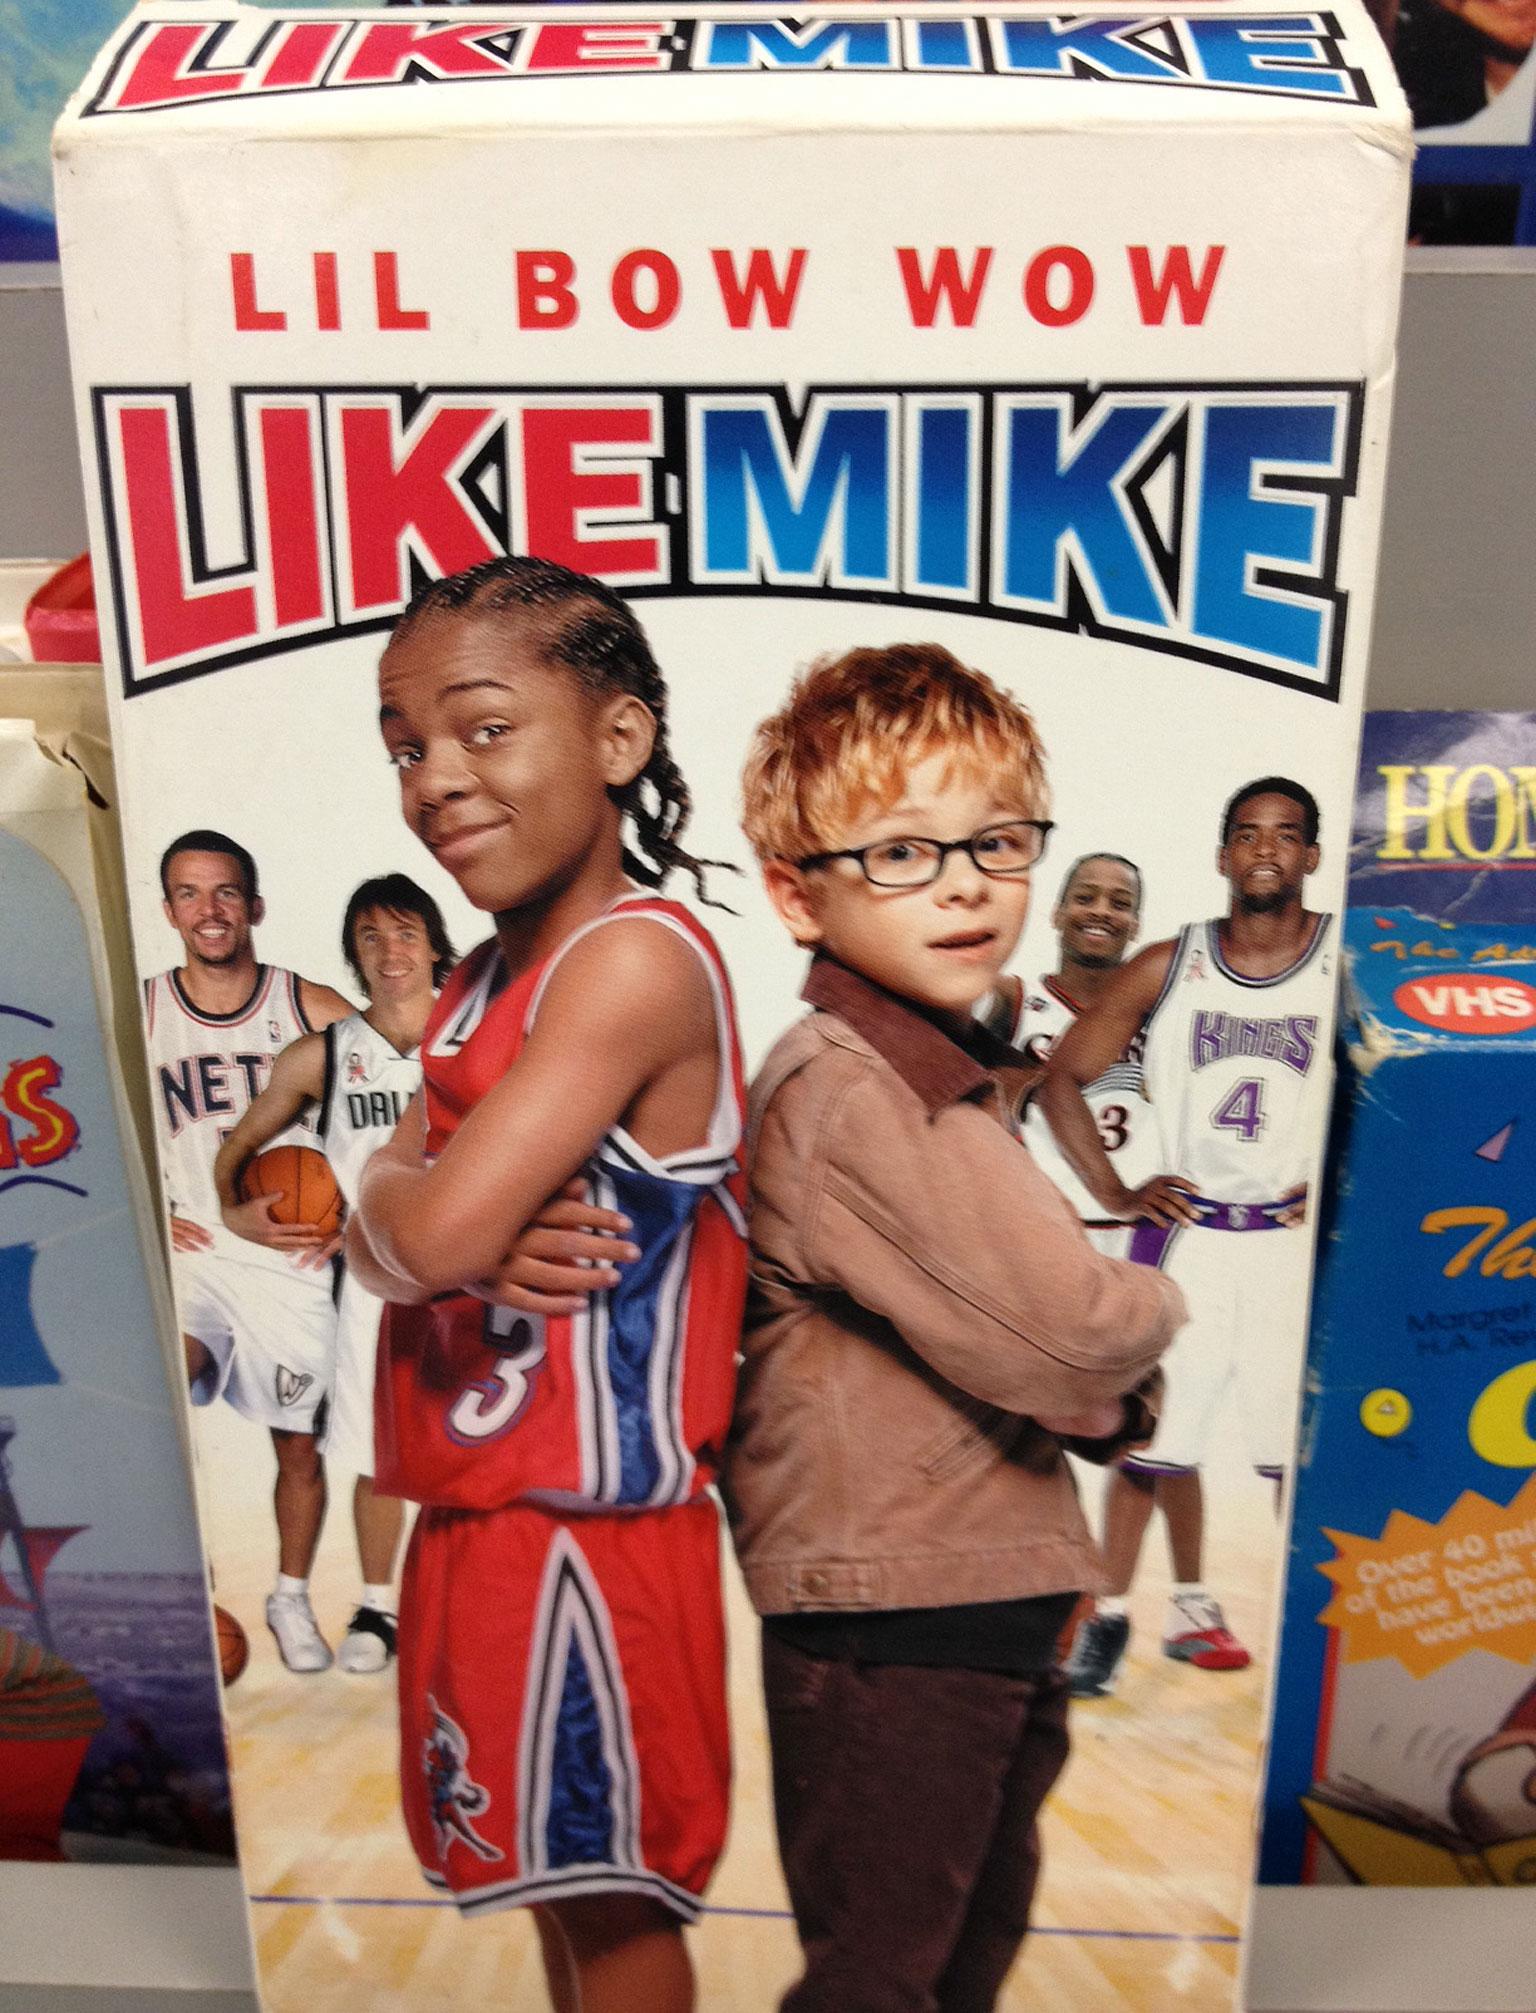 Like Mike: $1